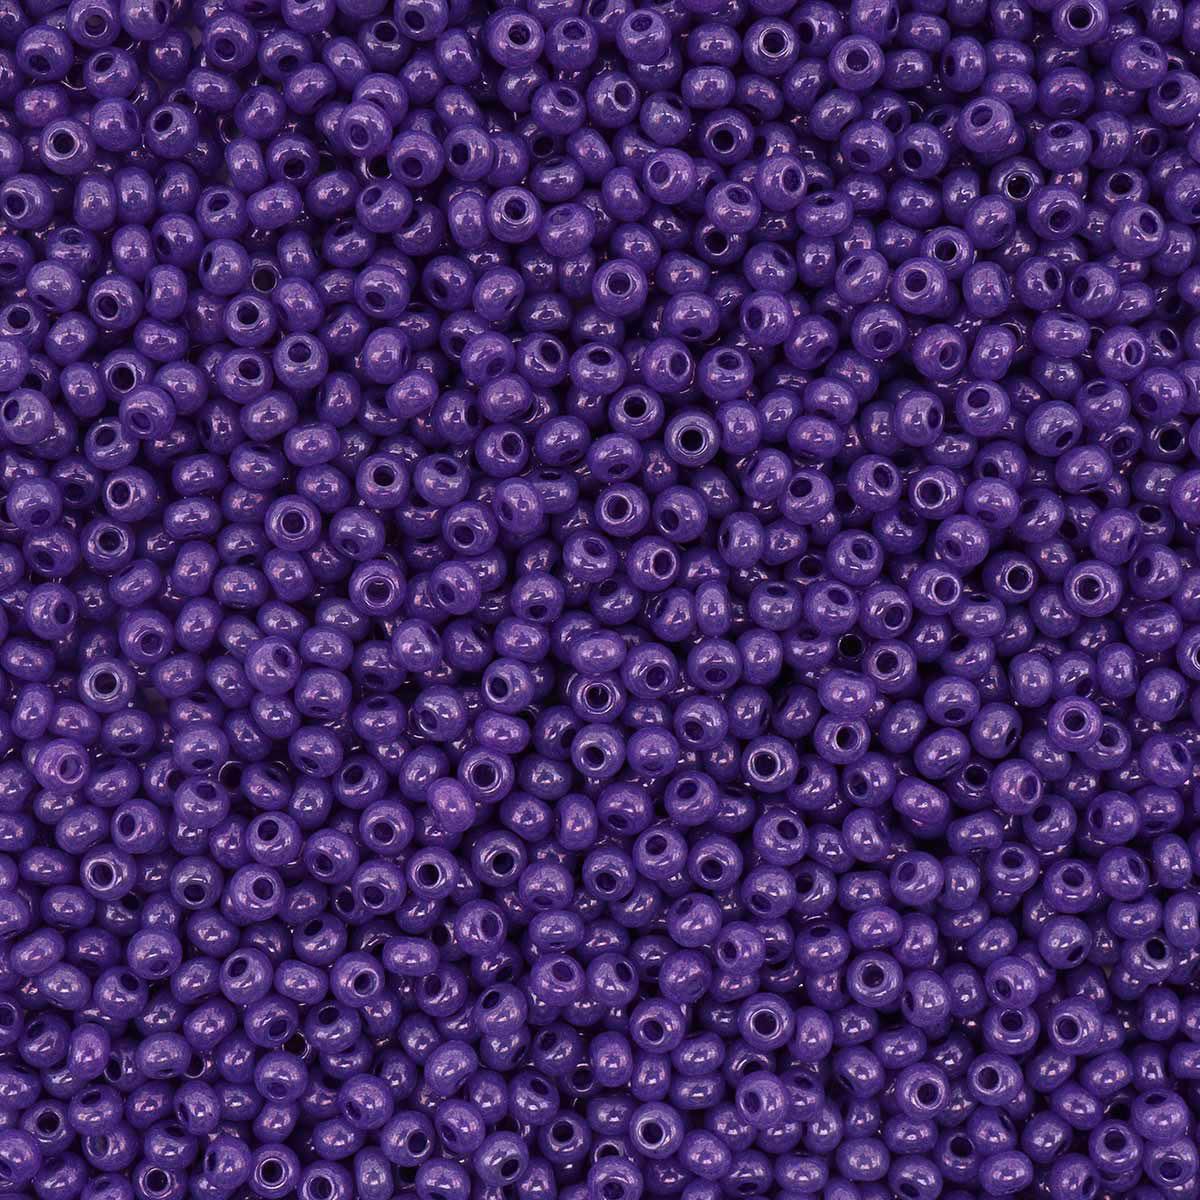 (17328) 331-19001-10/0 Бисер алебастр с блест.покрытием и цв.центром 10/0, круг.отв., 20гр Preciosa